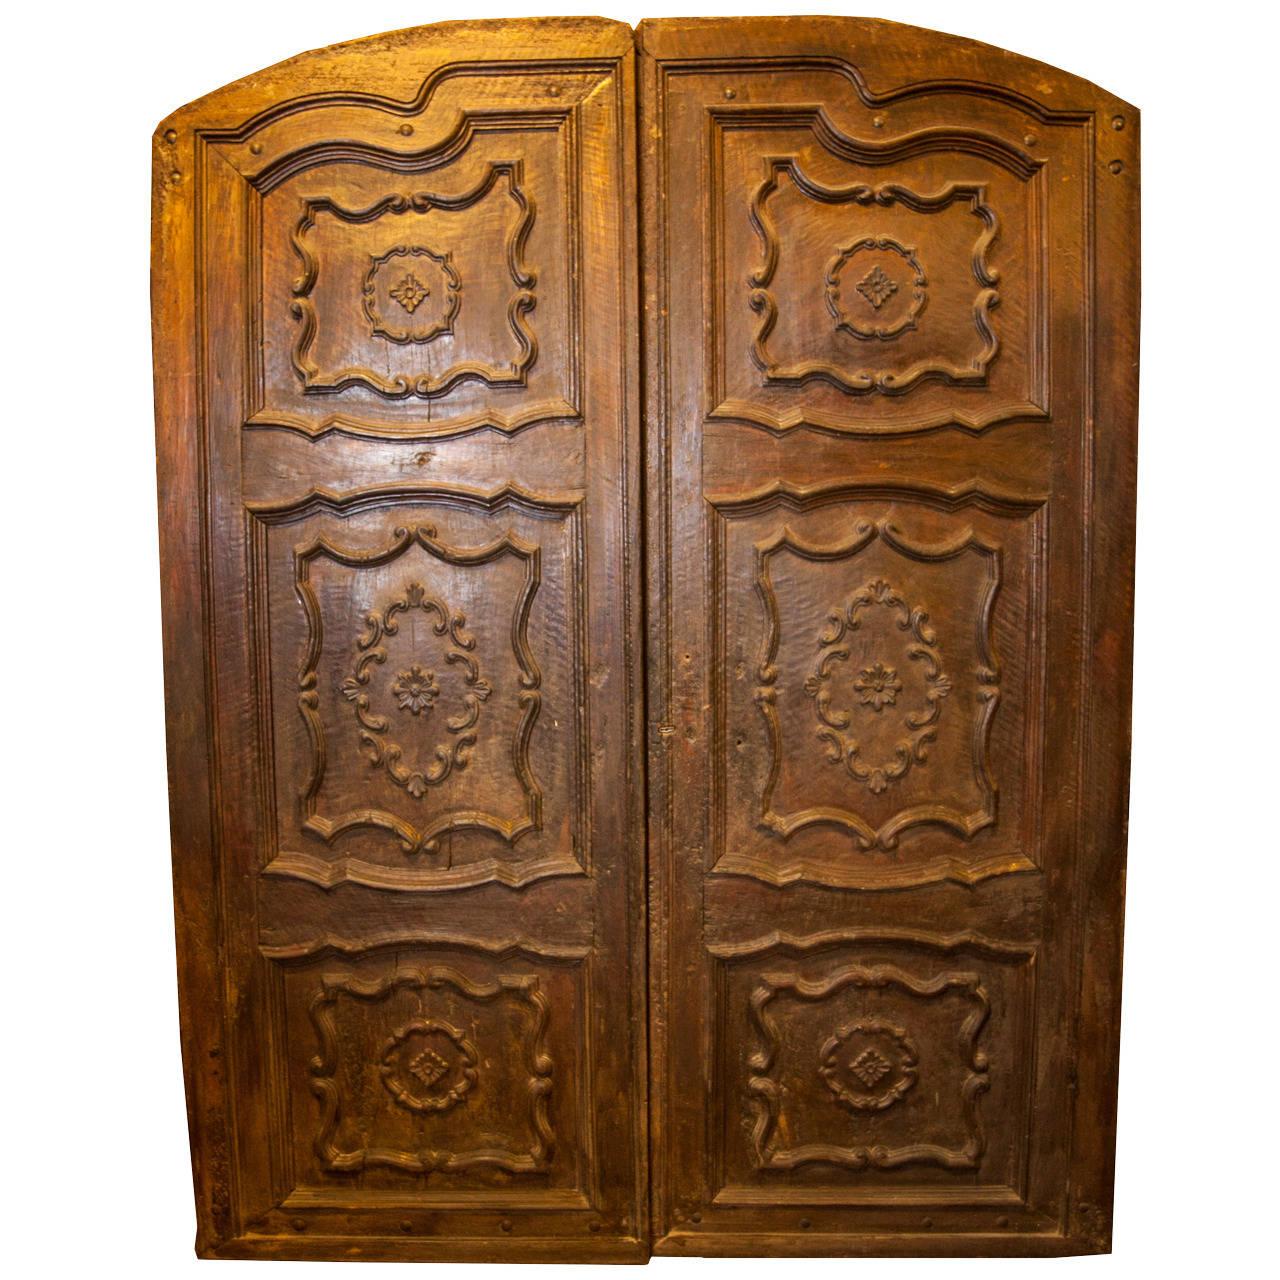 Antique Double Door made of Walnut